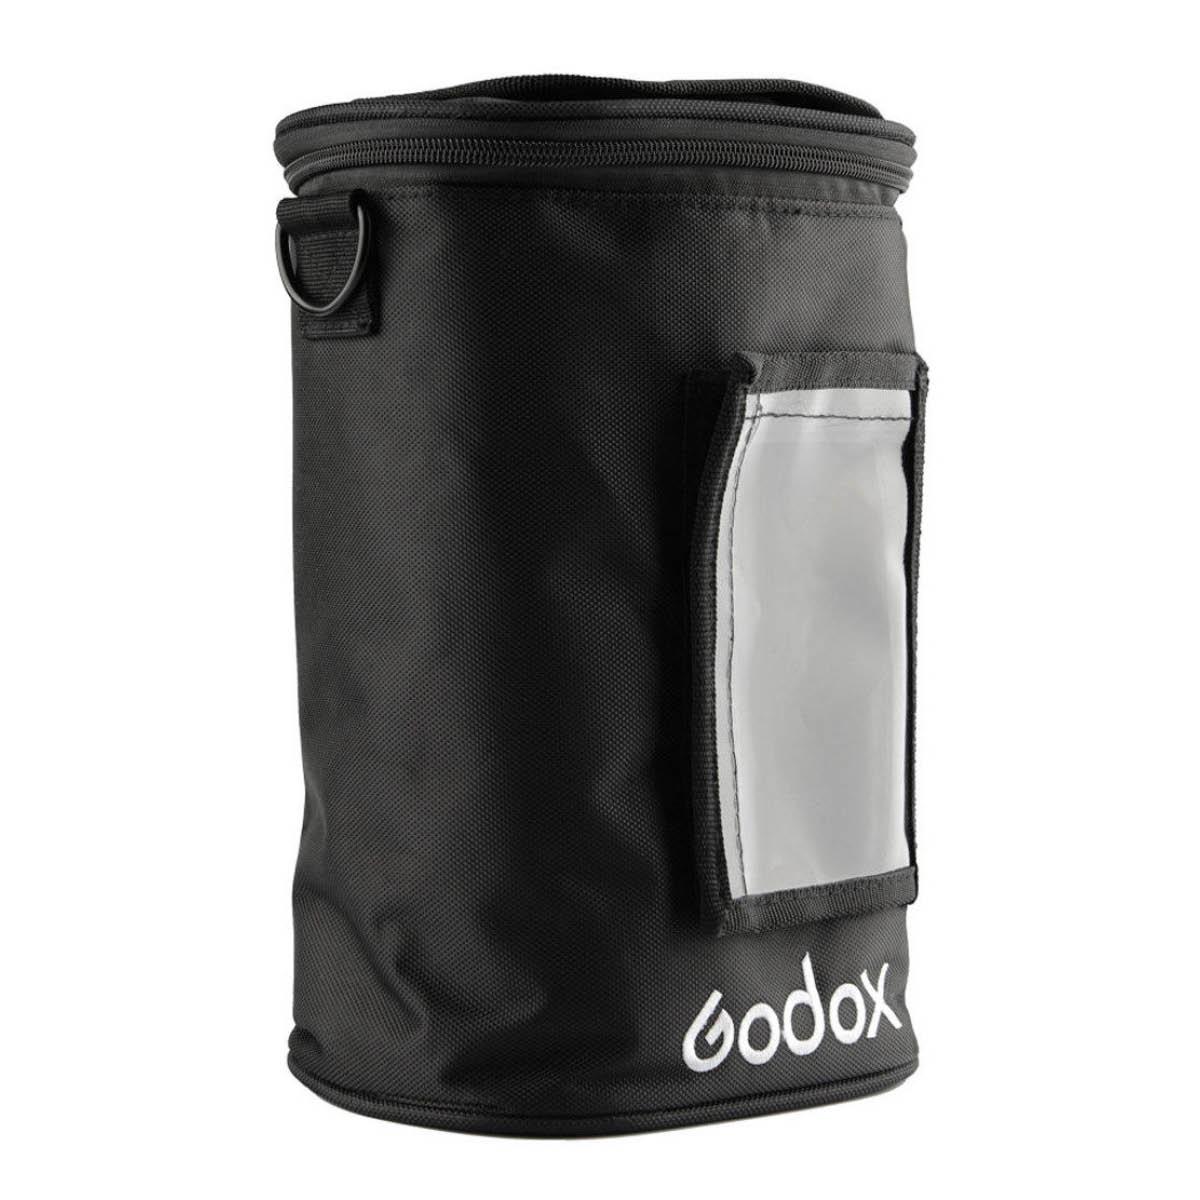 Godox Tasche für AD600Pro